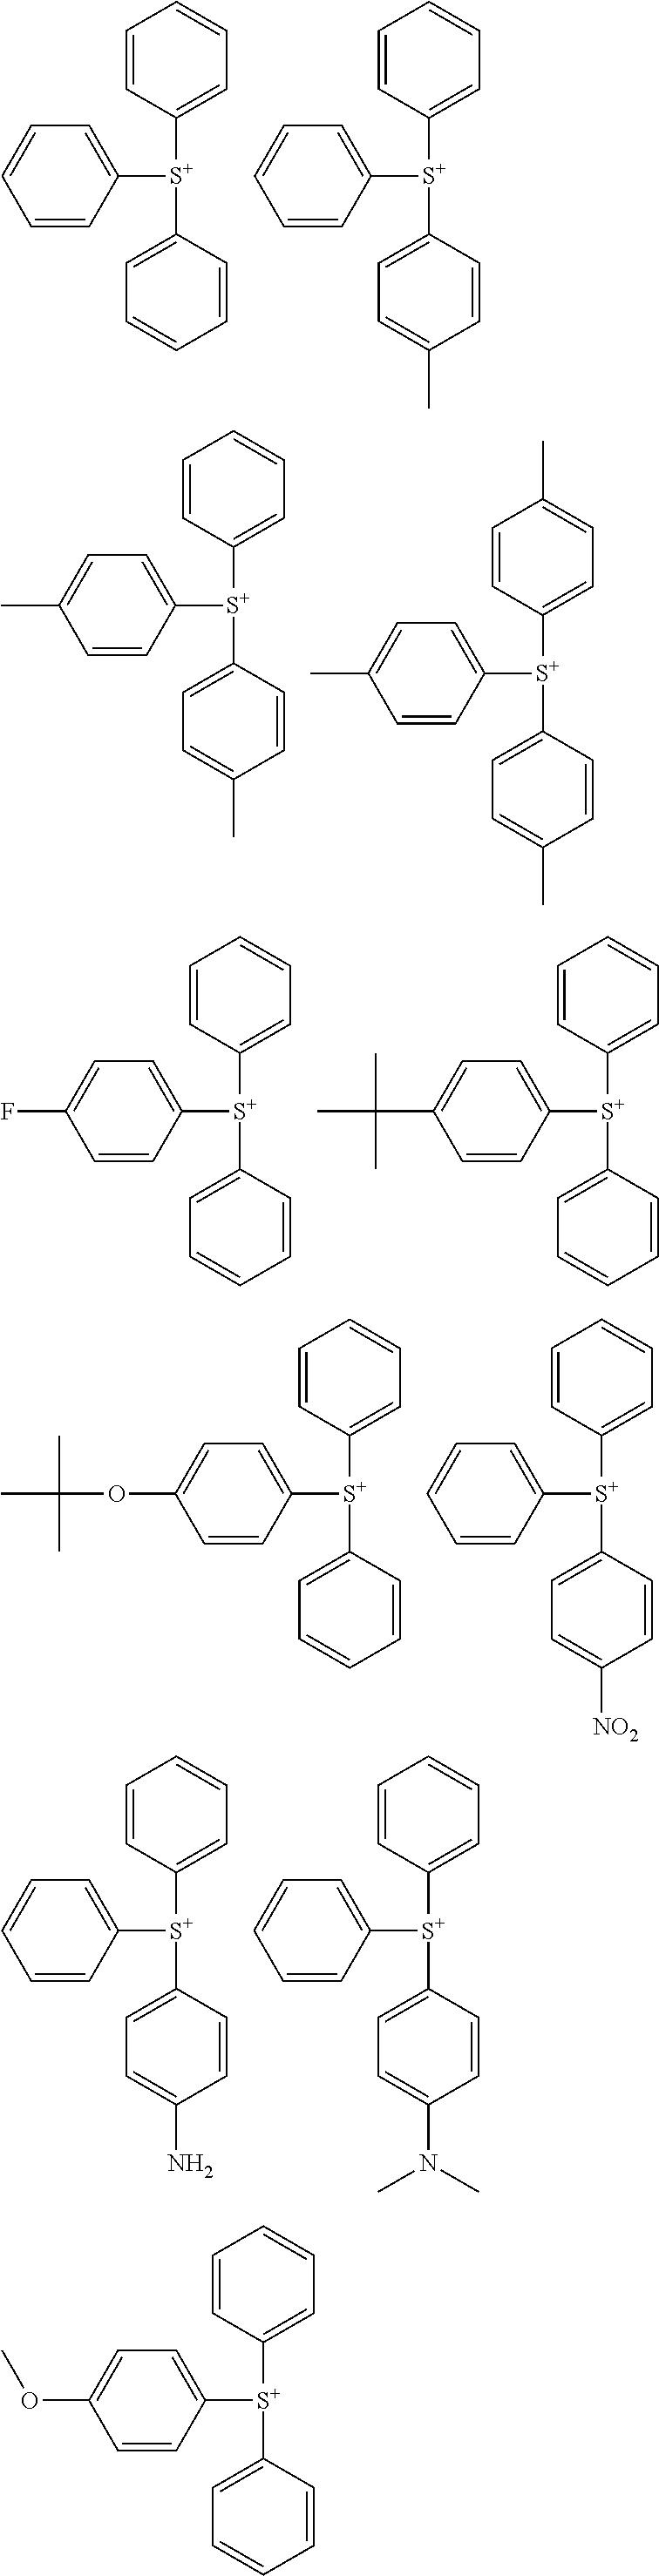 Figure US08822136-20140902-C00103